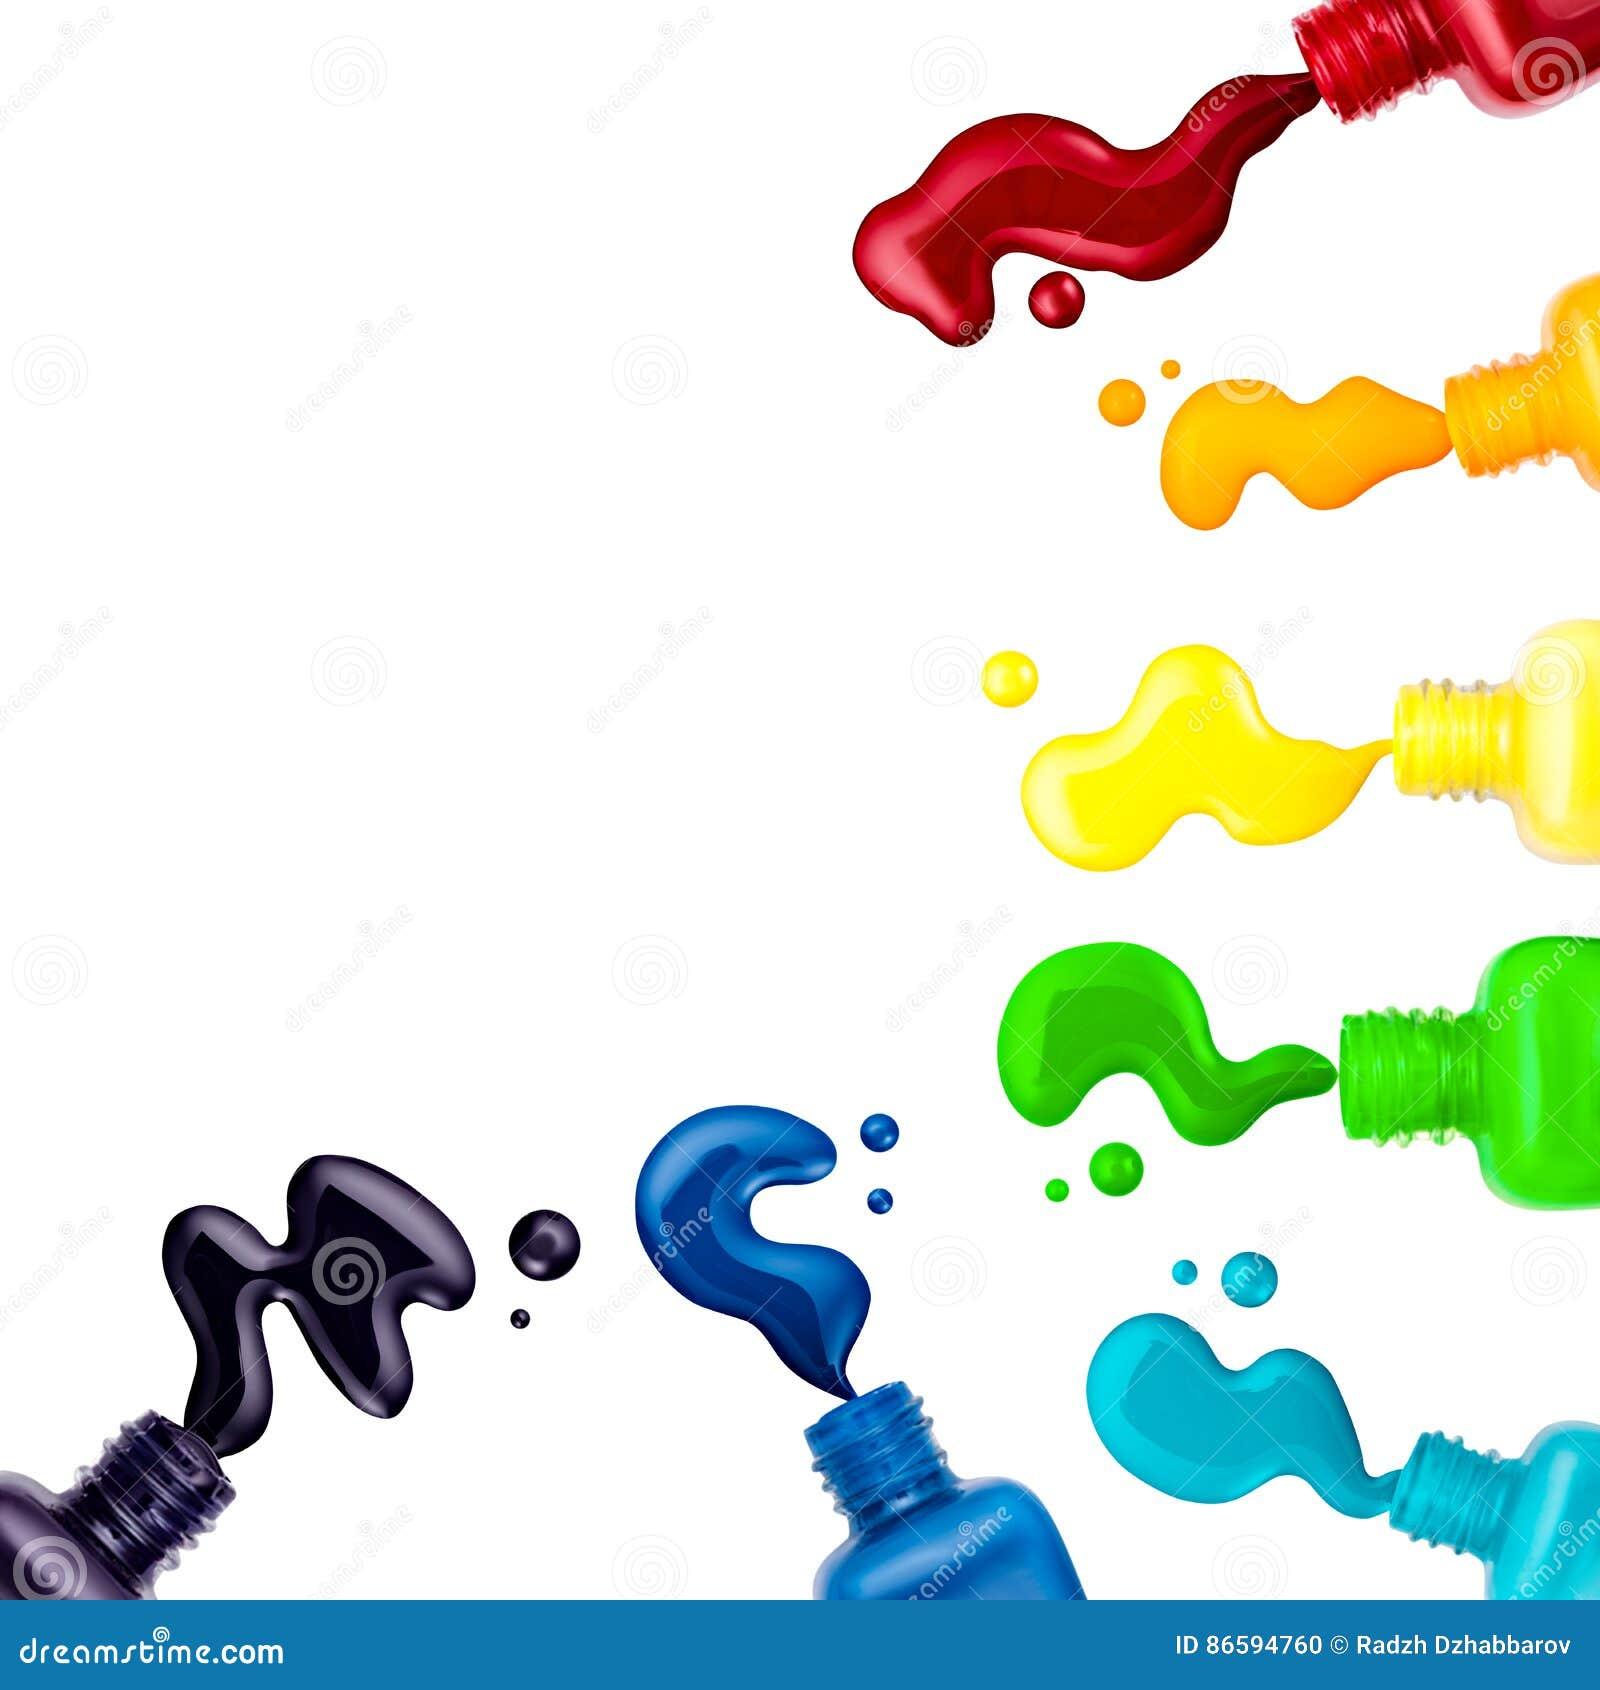 Vernis à ongles coloré, brosse, échantillon, cadre pour le texte